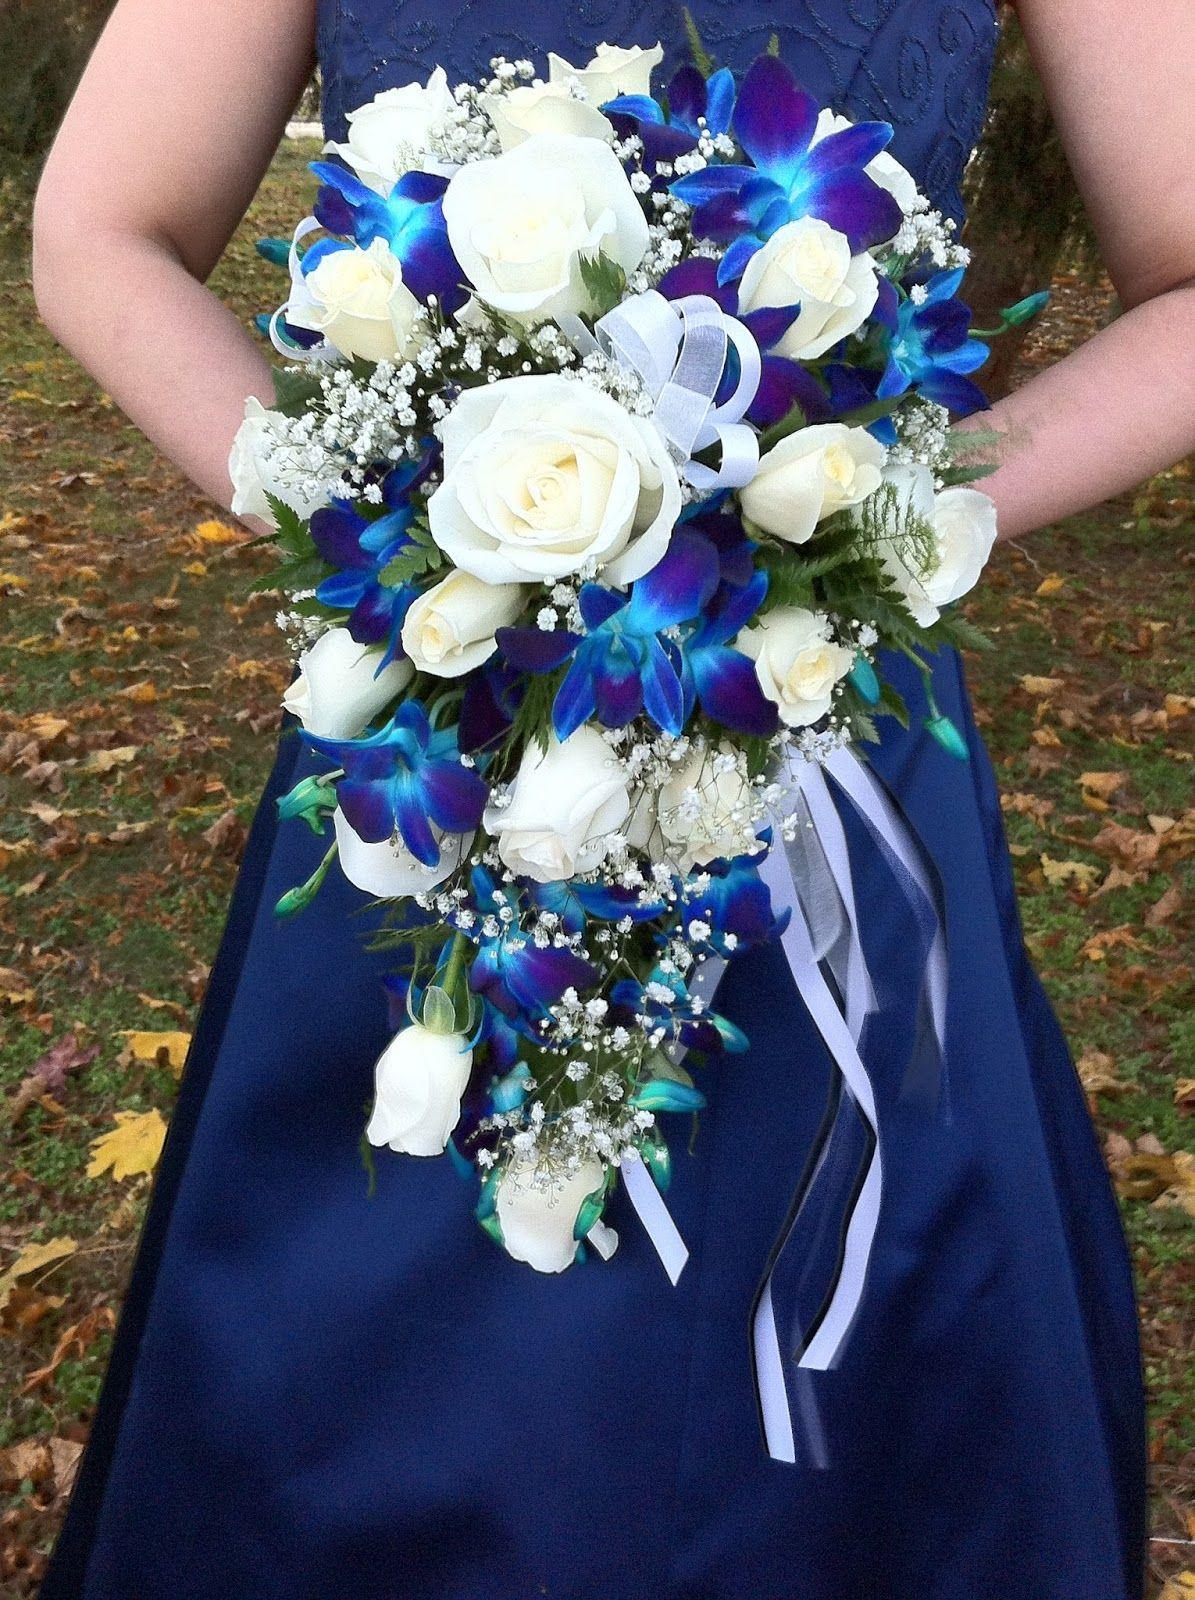 Bouquet Sposa Orchidee Blu.Blue Orchid Bridal Bouquet Bouquet Di Nozze Bouquet Matrimonio